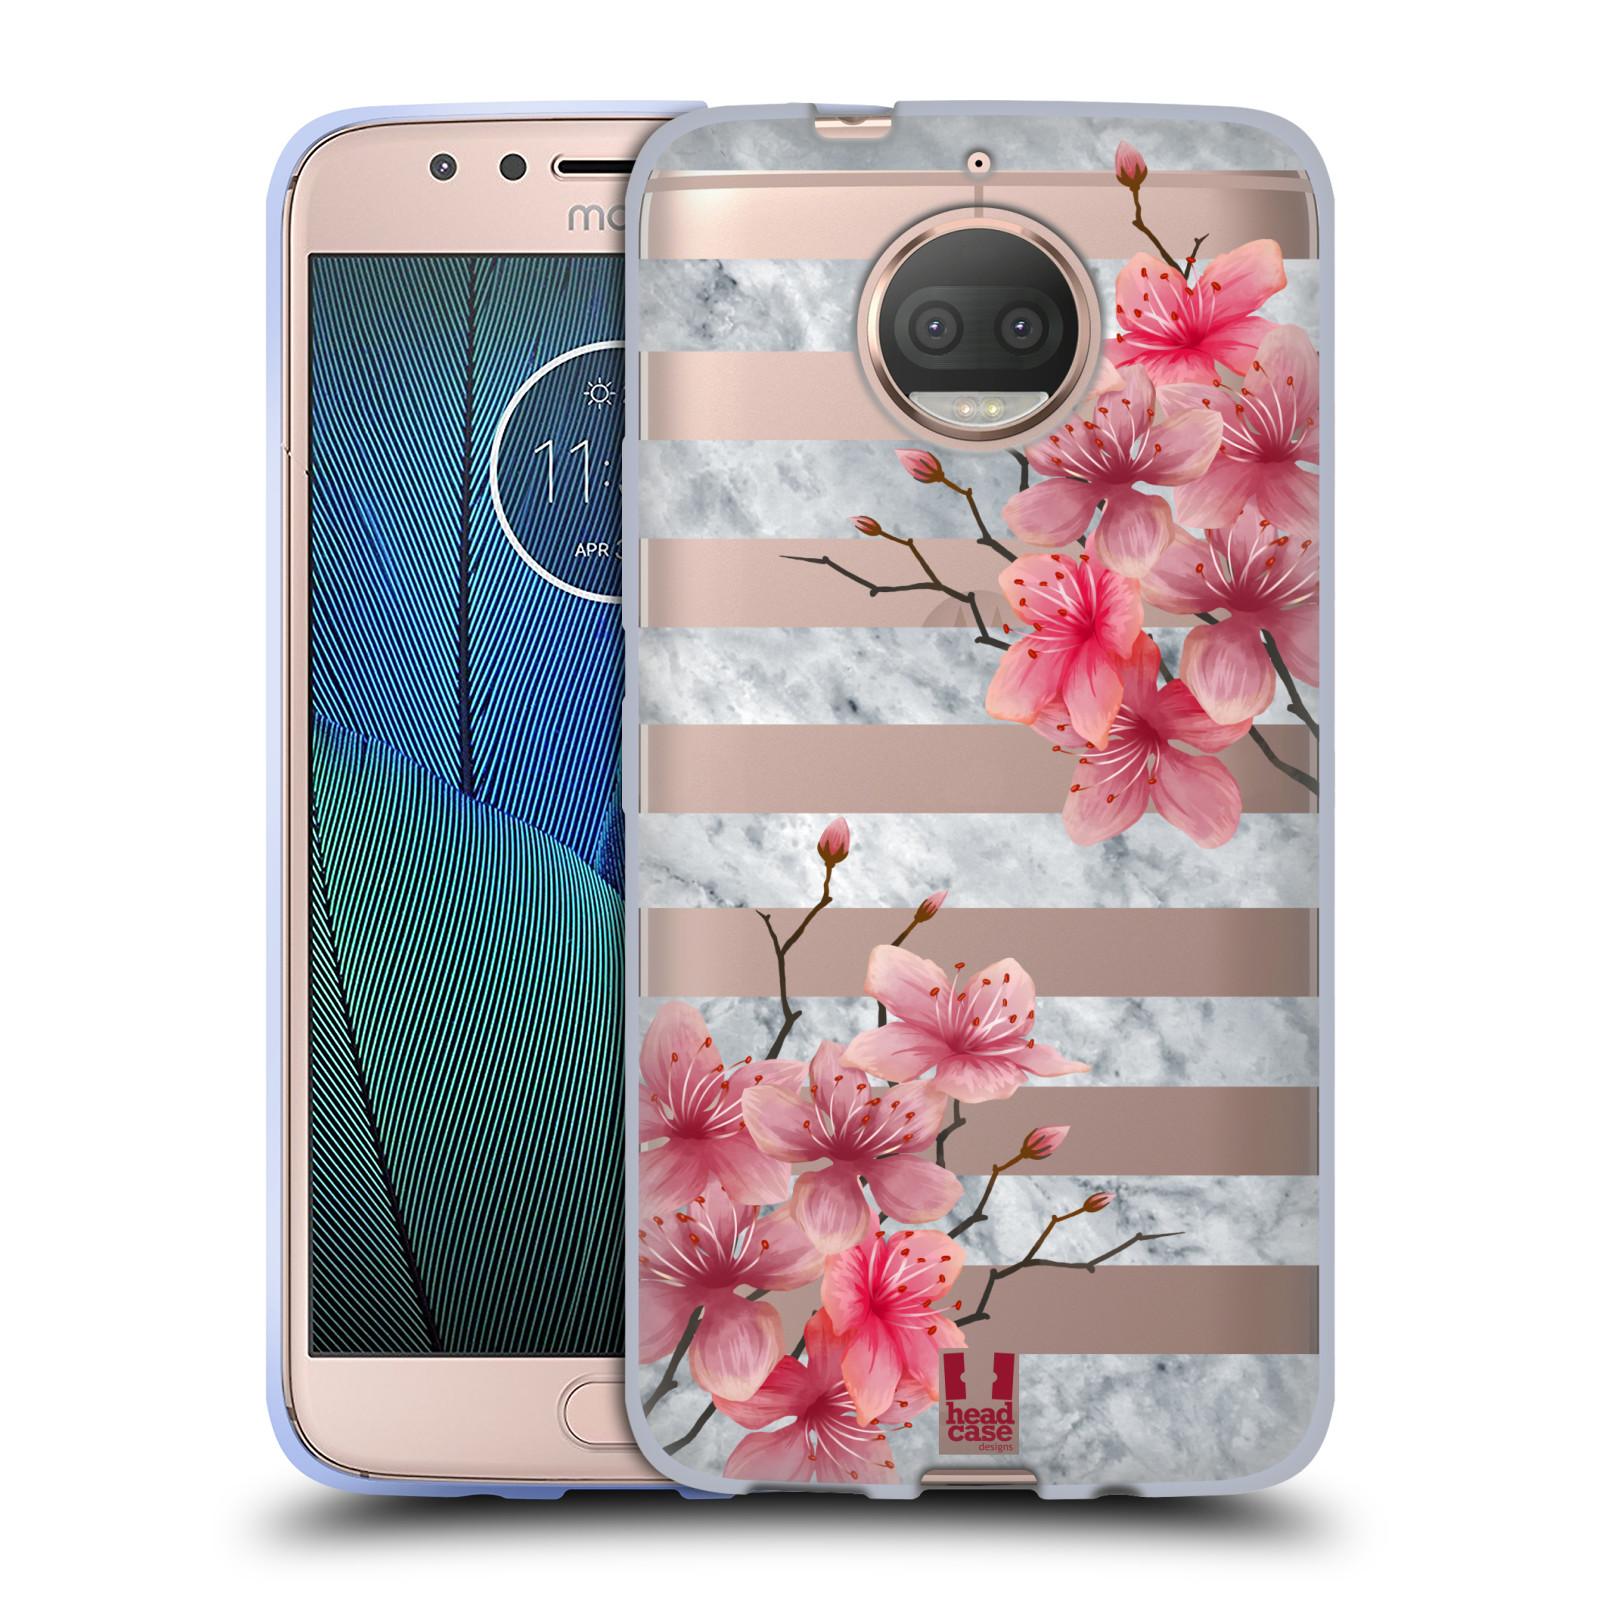 HEAD CASE silikonový obal na mobil Lenovo Moto G5s PLUS růžové květy v rozkvětu a mramor